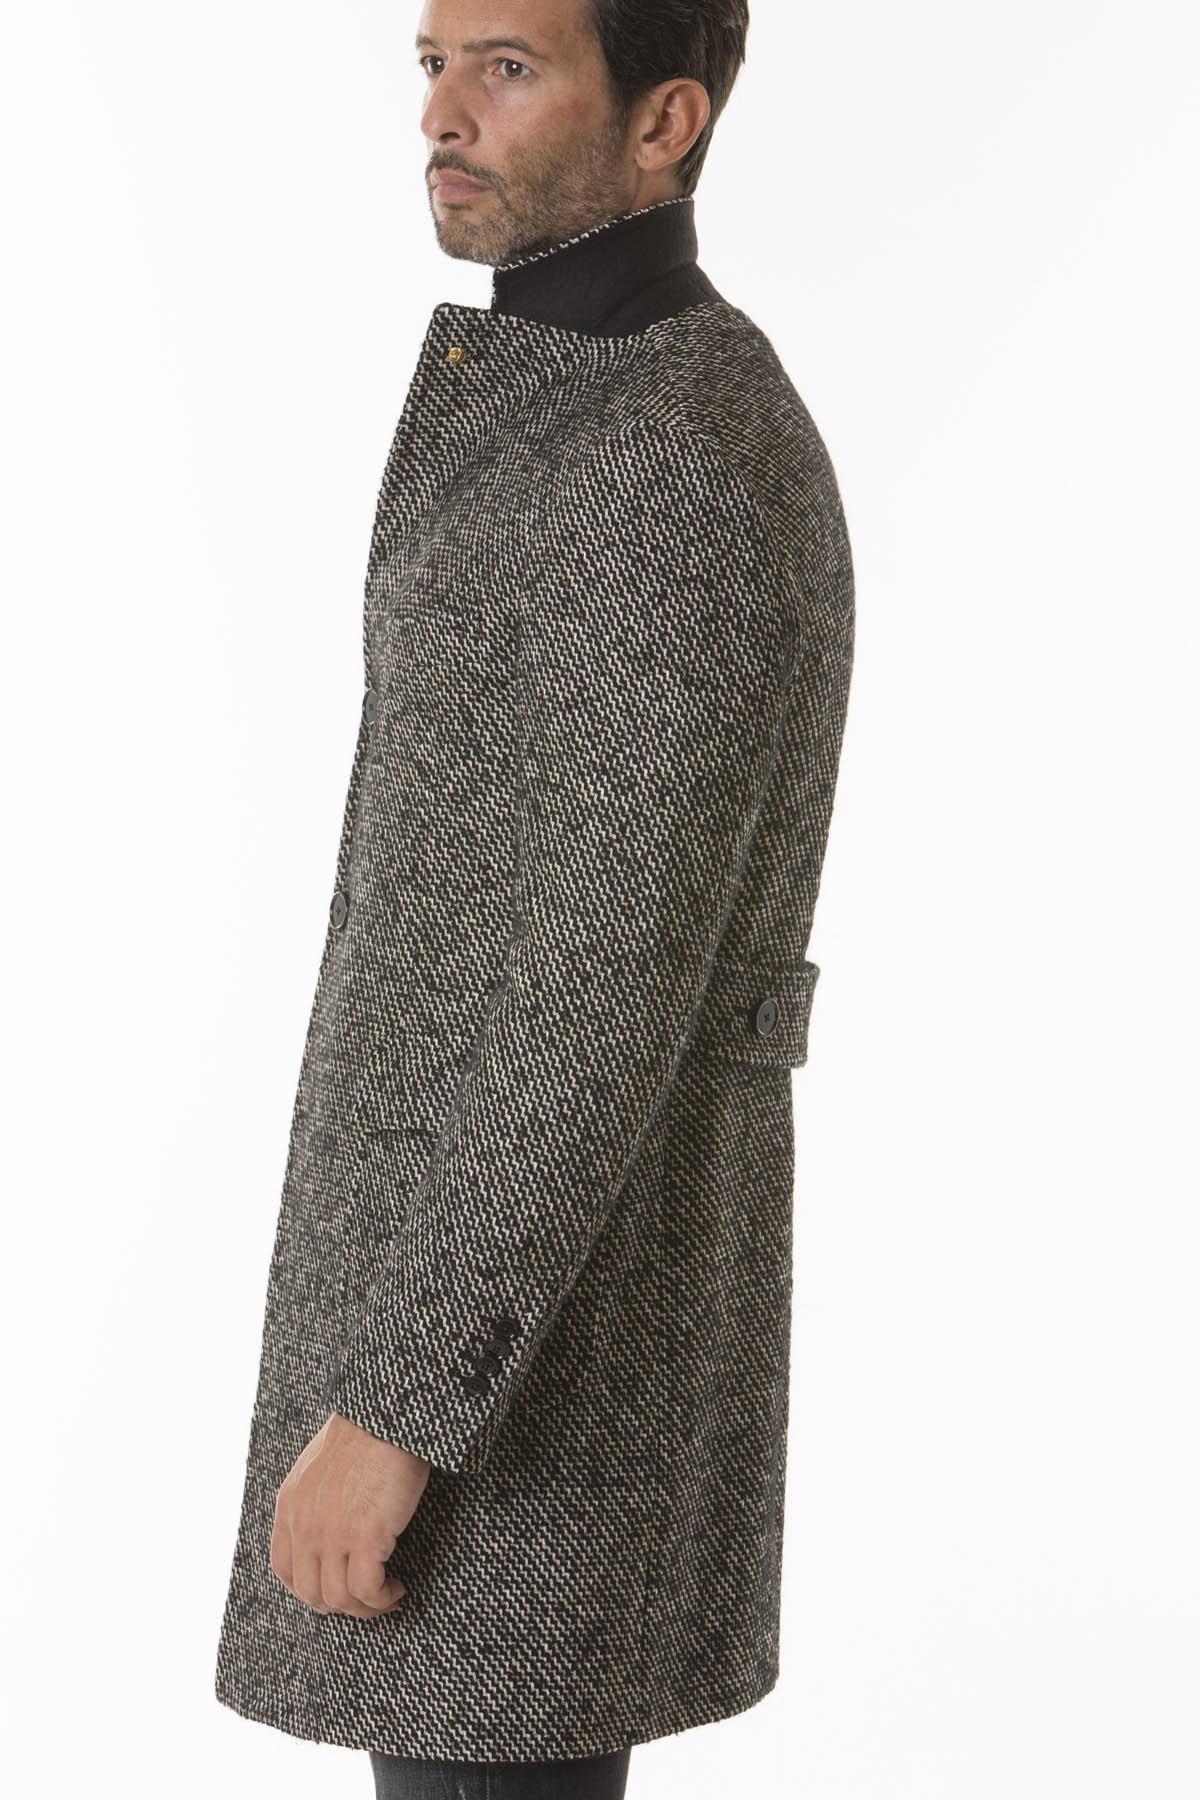 sale retailer 2ce14 7d234 Cappotto per uomo TAGLIATORE A/I 18-19